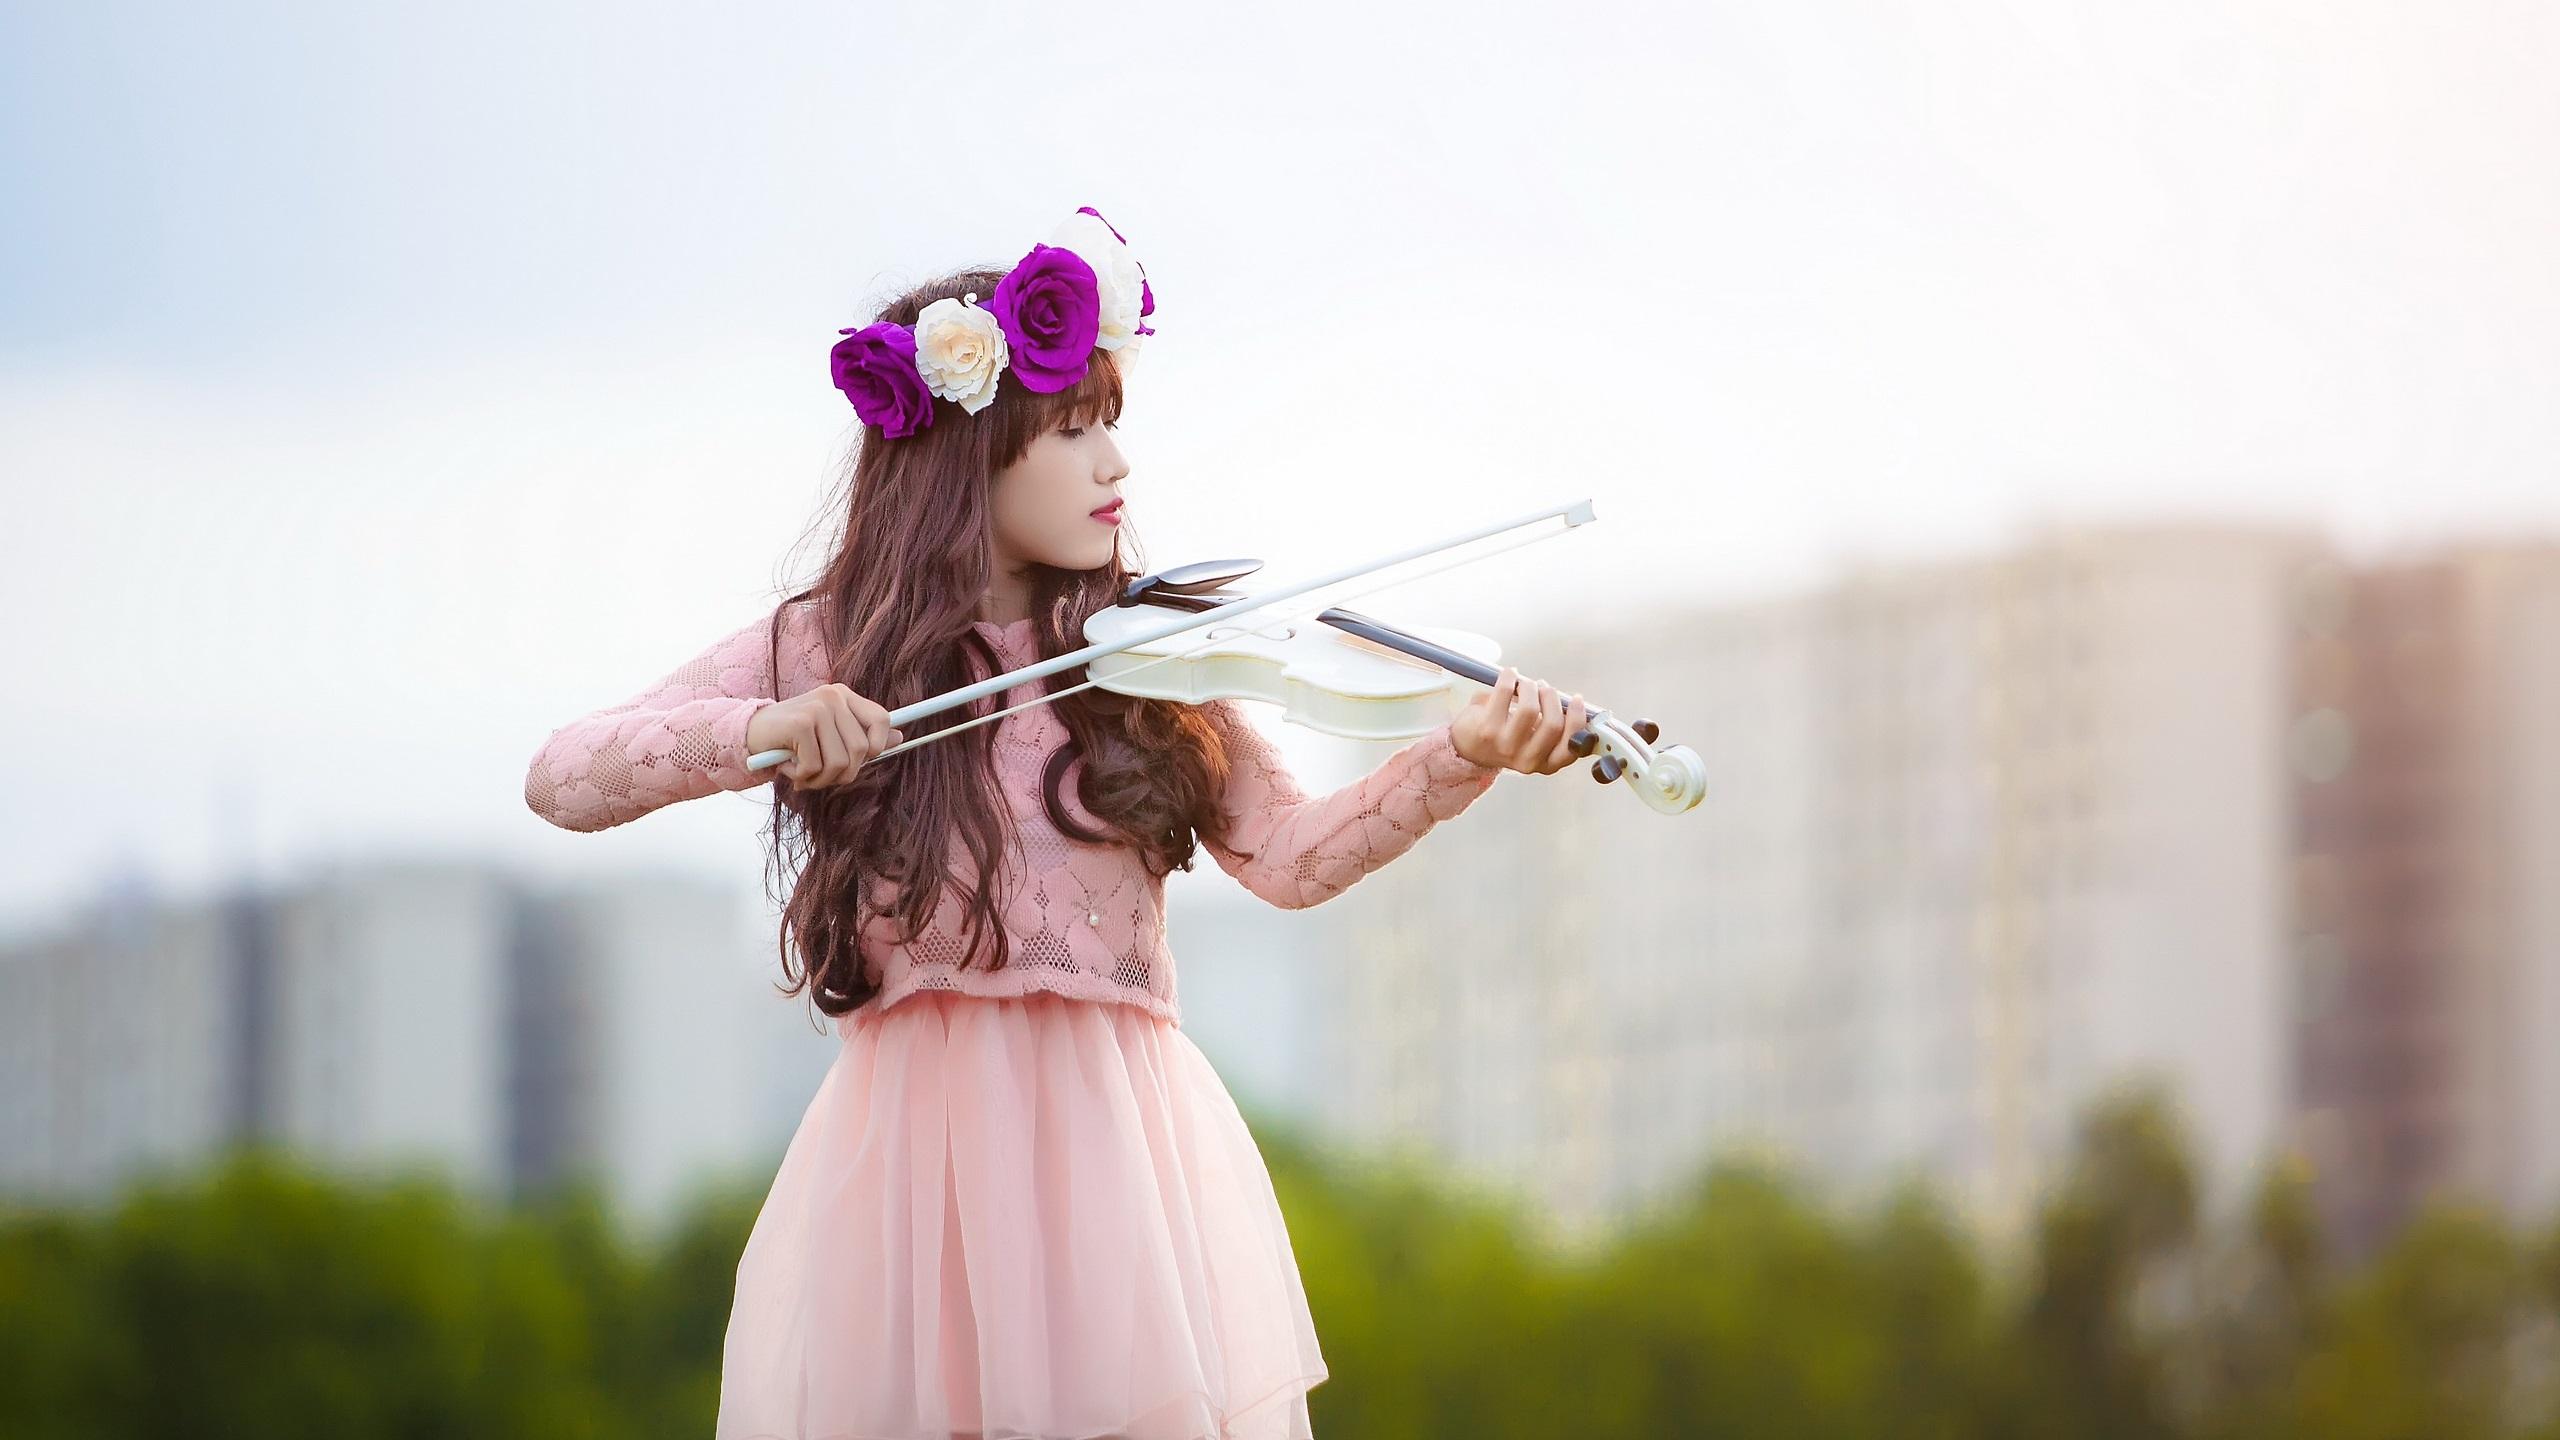 Fonds Décran Fille Joue Un Violon Blanc 2560x1440 Qhd Image